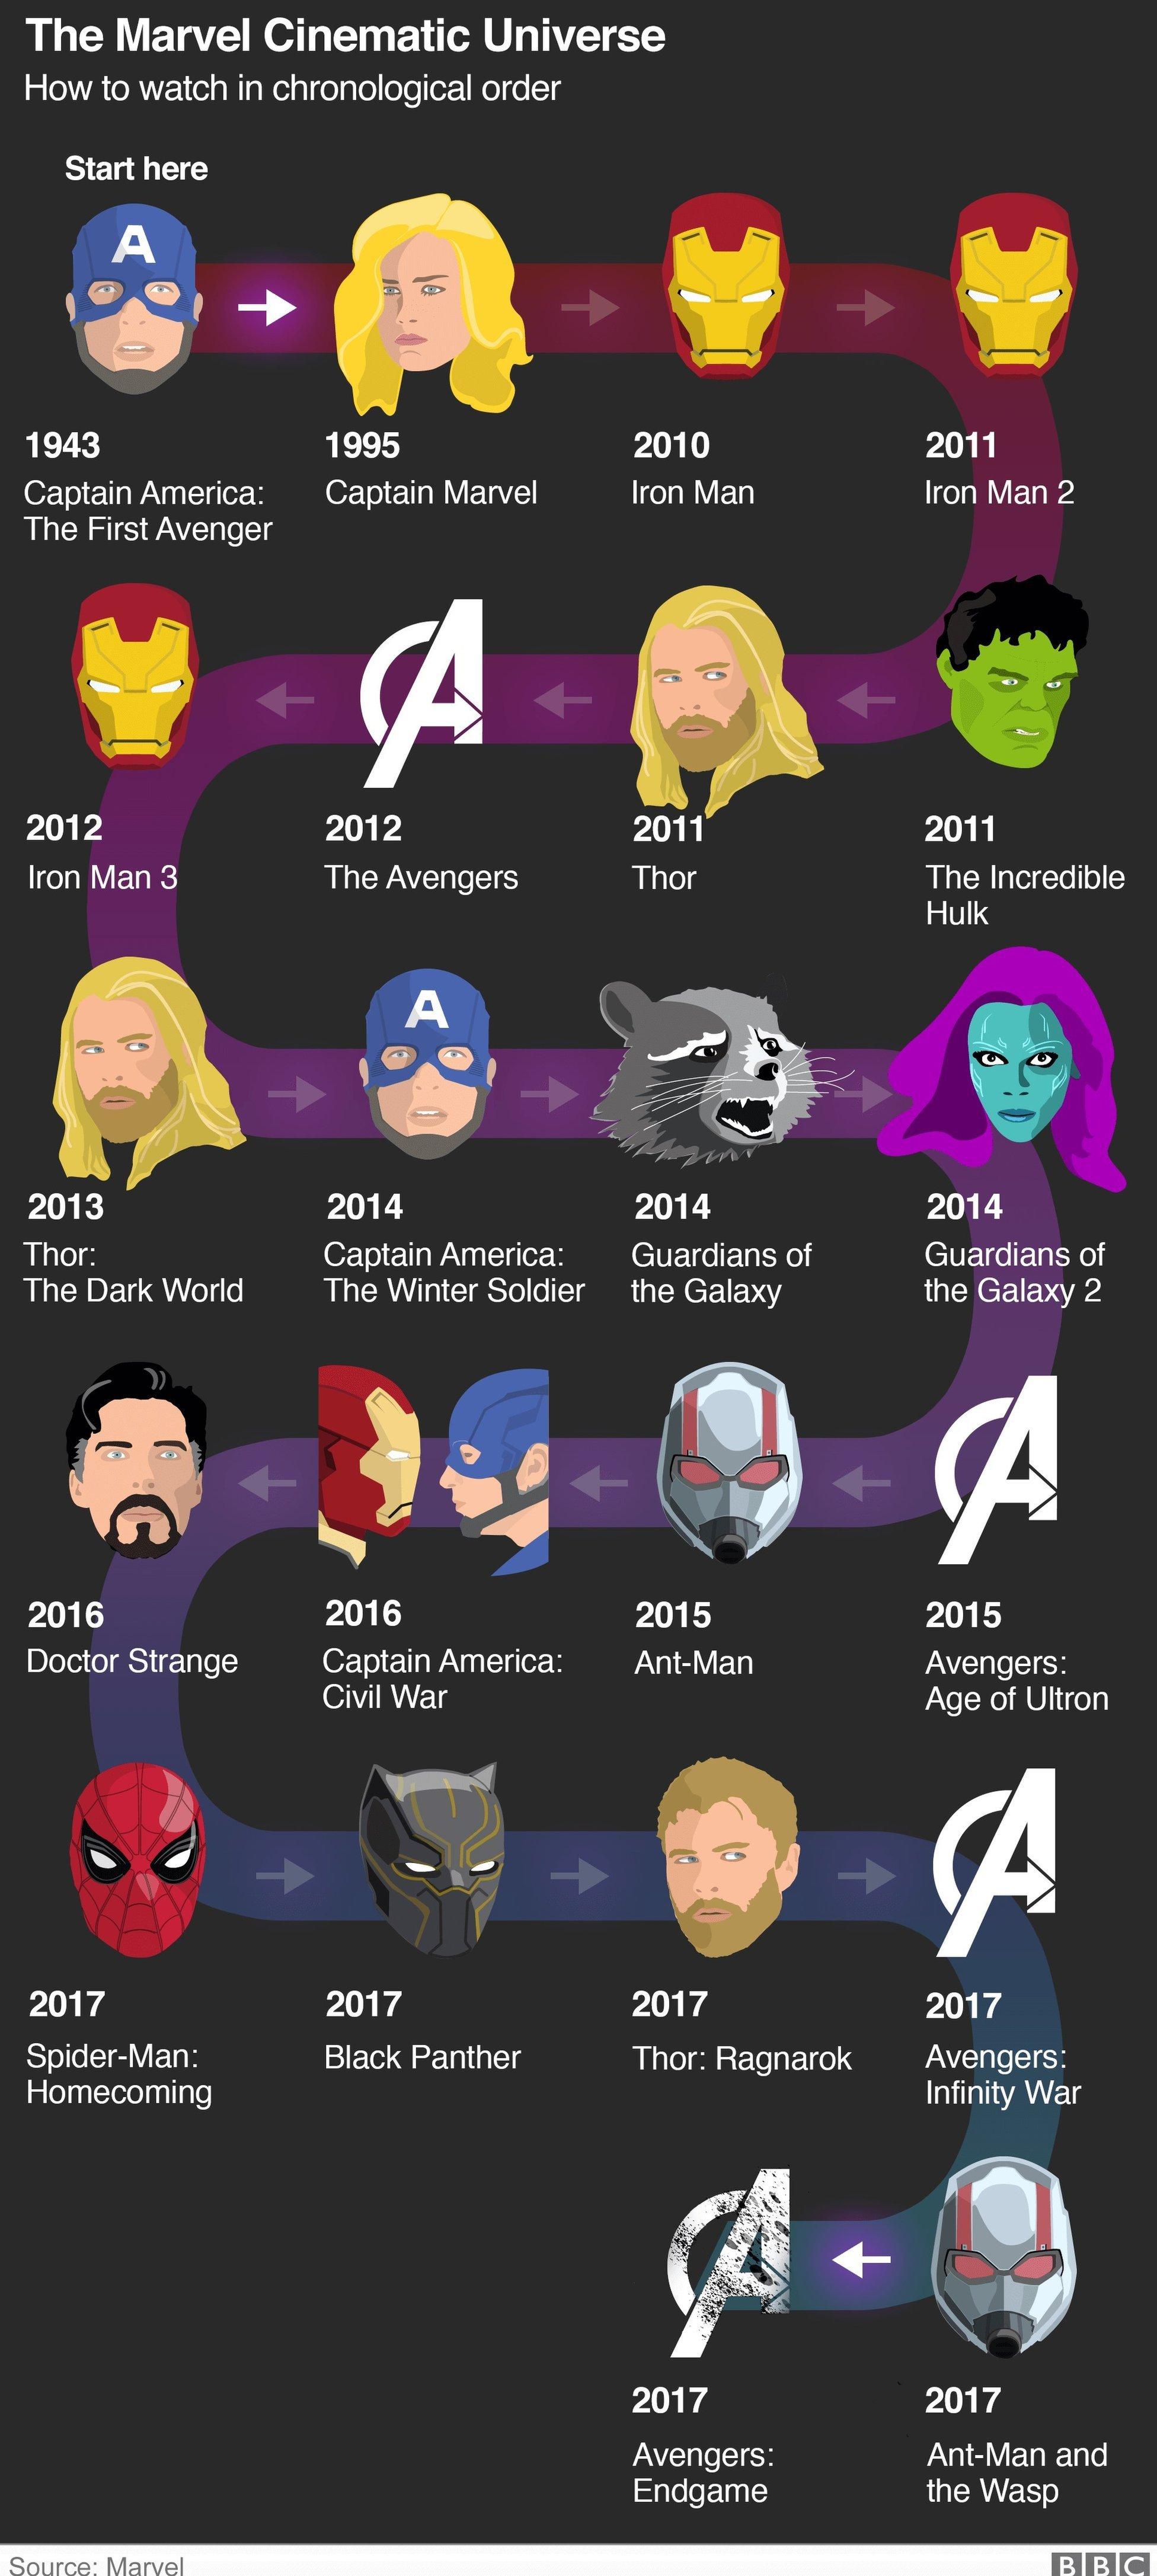 Avengers Endgame  Semua yang perlu Anda ketahui tentang